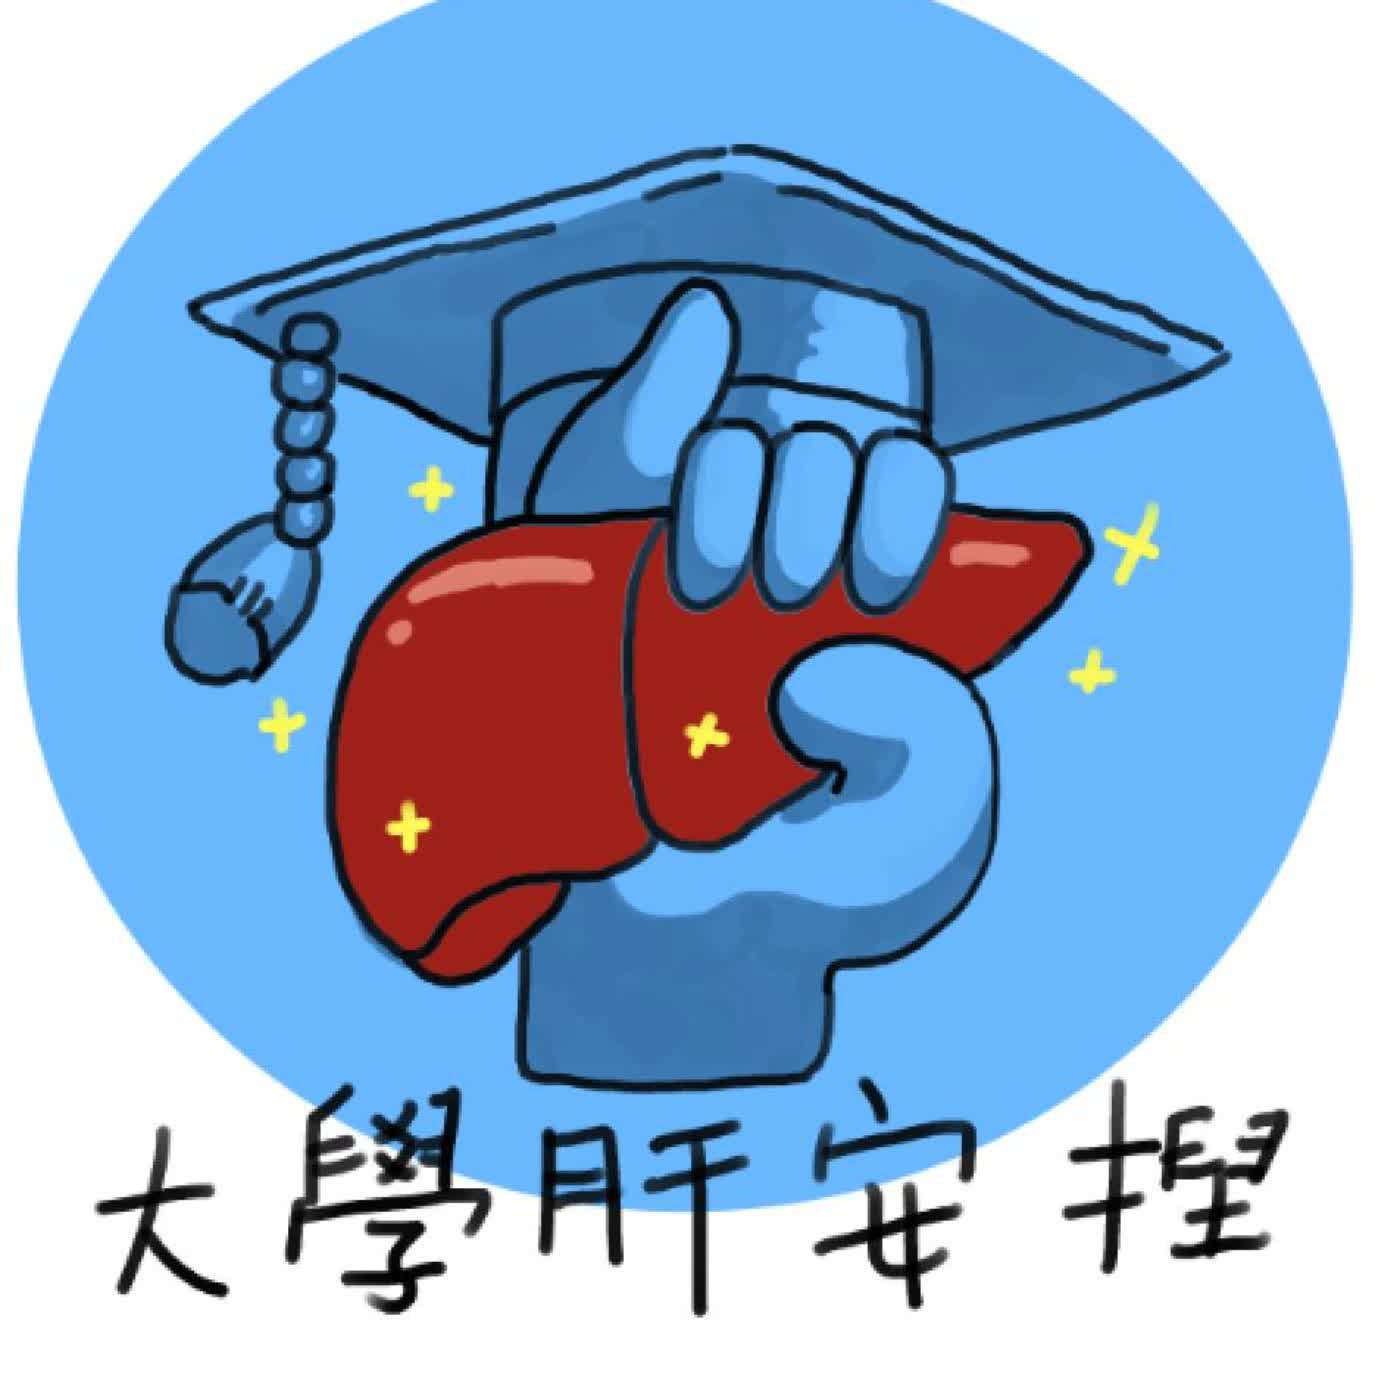 EP07|老師肝安捏?教育系出來就是要當老師,不然要幹嘛!?